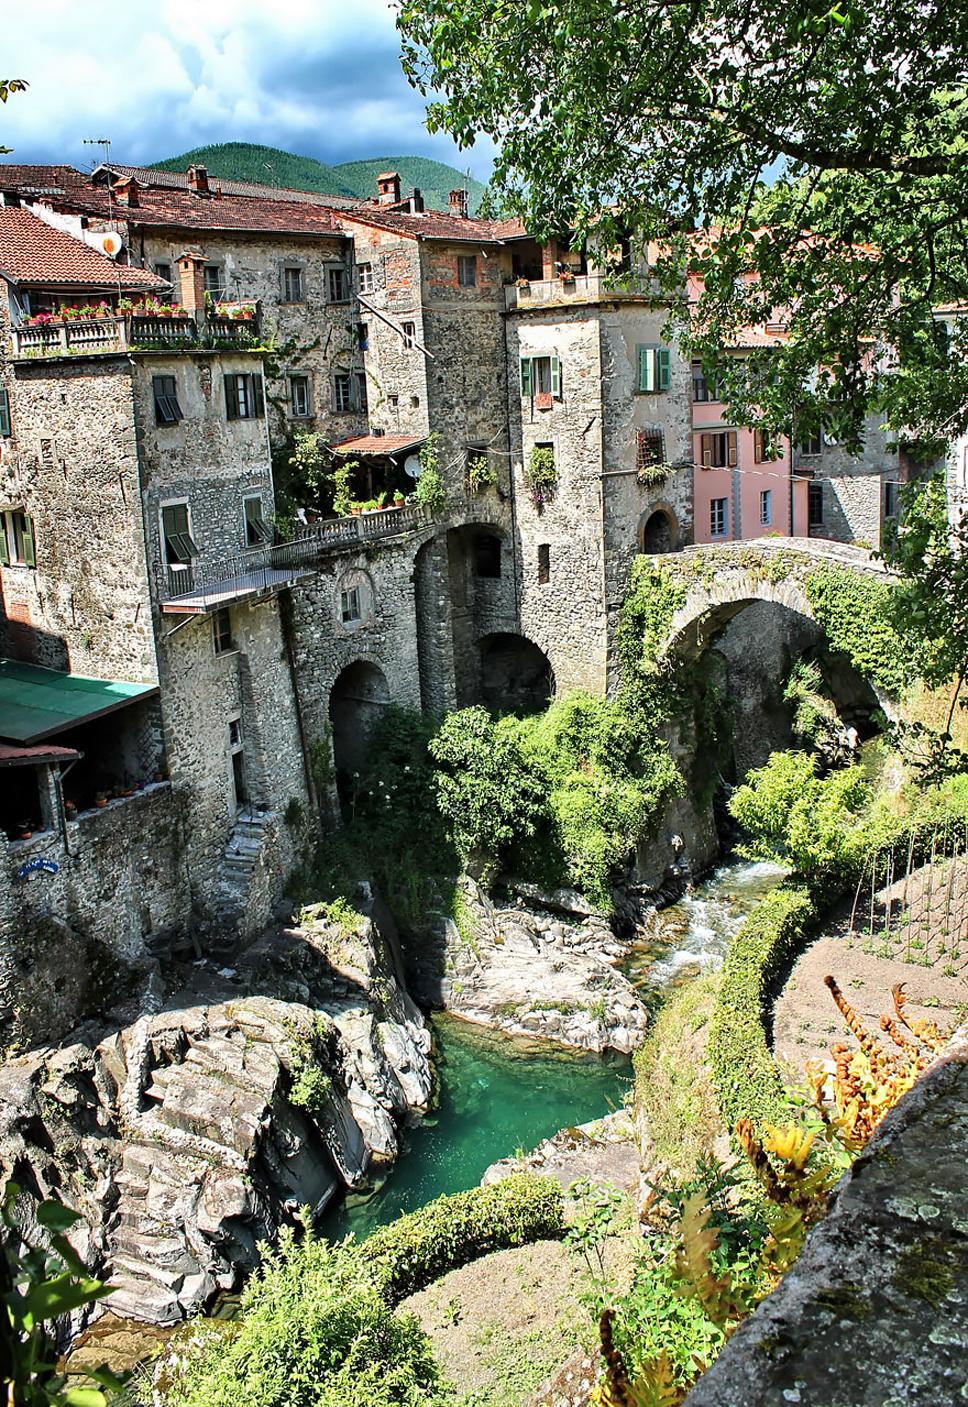 fairy-tale-villages-15-57221a703577c__880